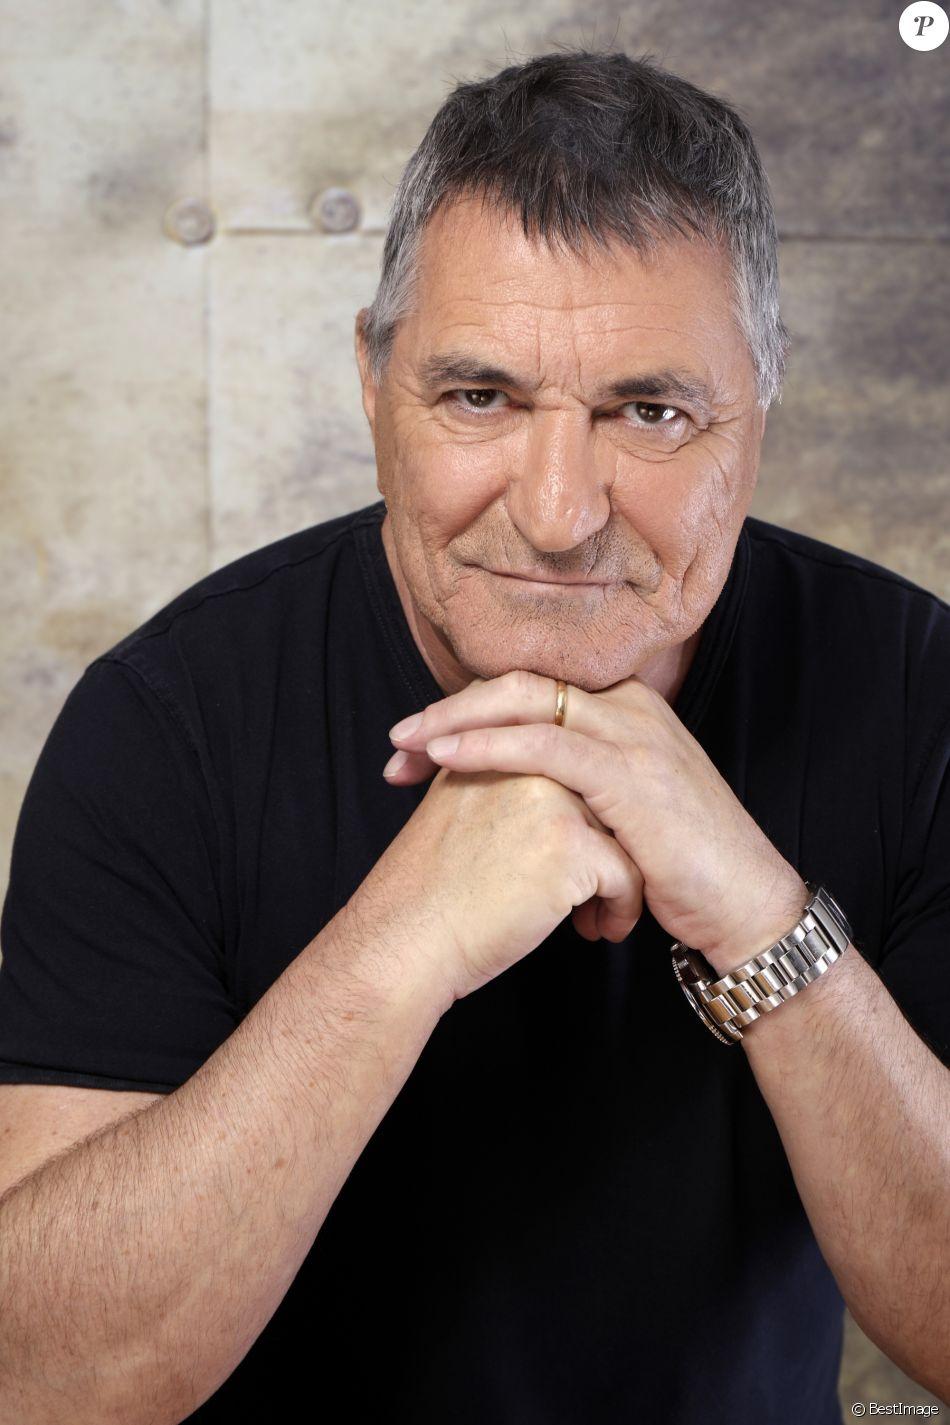 Portrait de Jean-Marie Bigard. Le 12 octobre 2017 12/10/2017 - Paris